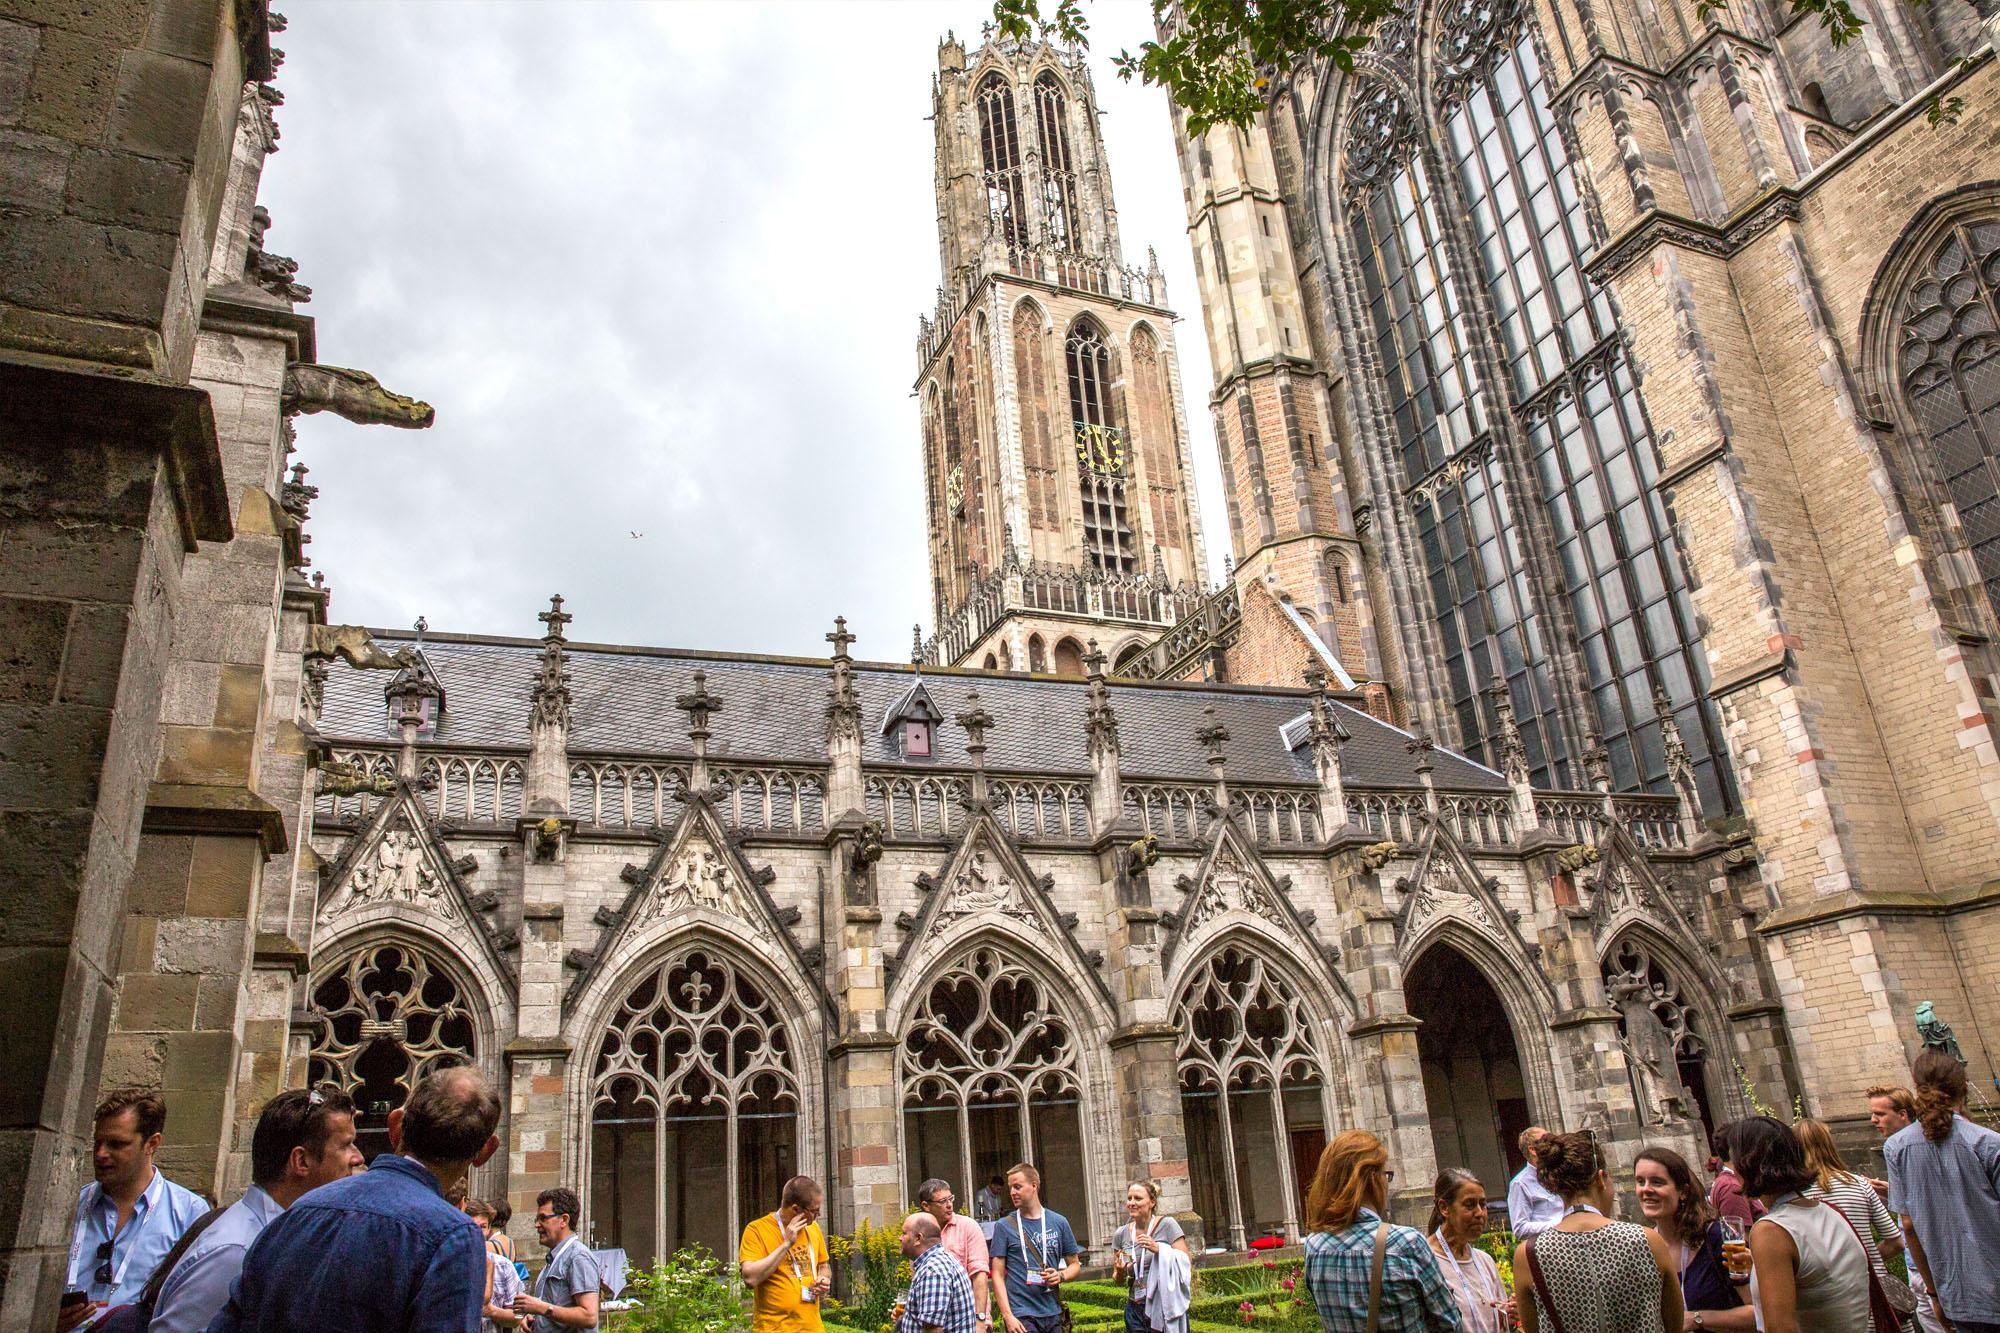 BFoto Fotograaf Utrecht evenement fotografie Dom Academie gebouw